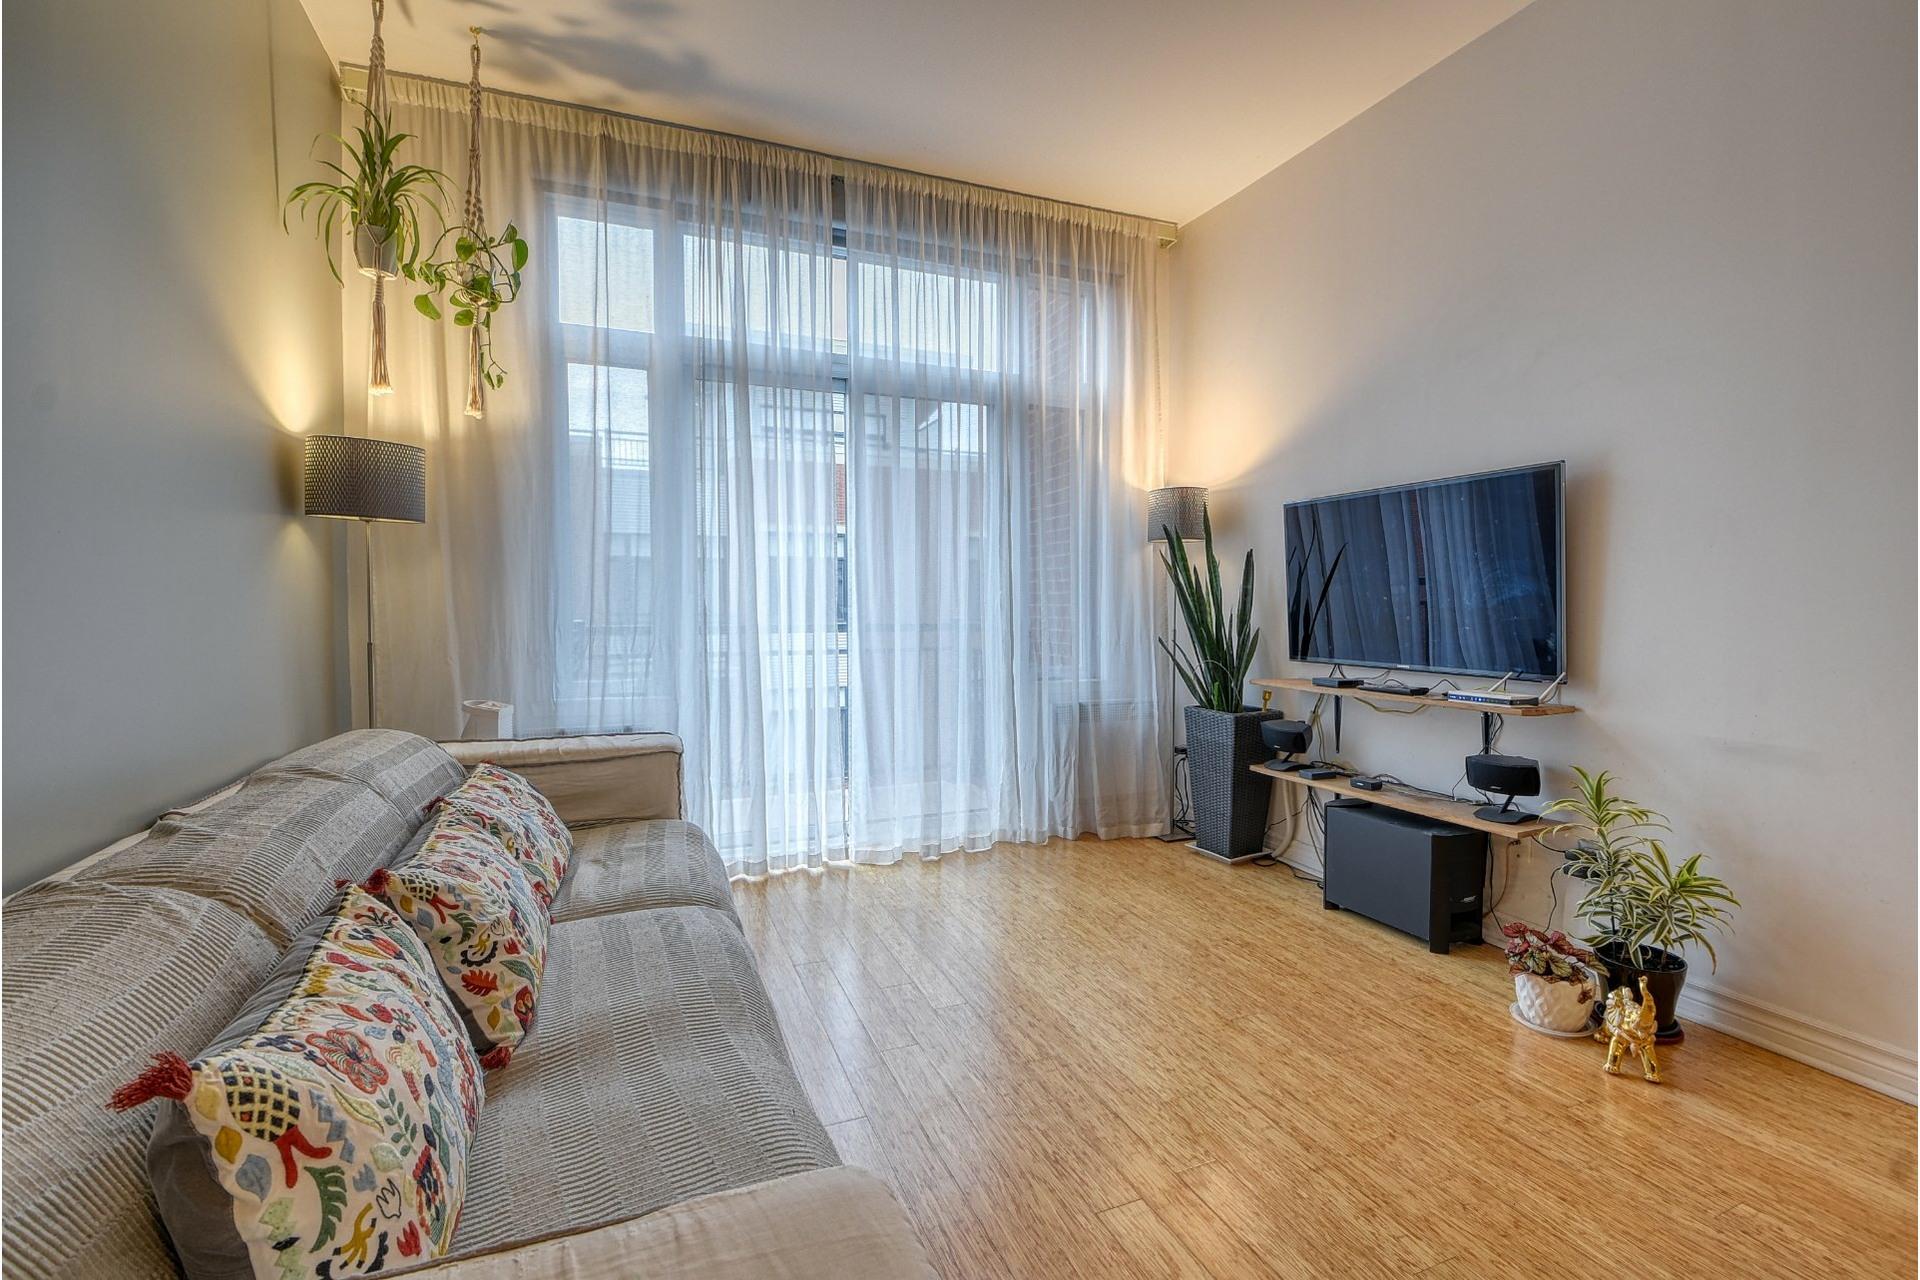 image 5 - Appartement À vendre Lachine Montréal  - 7 pièces